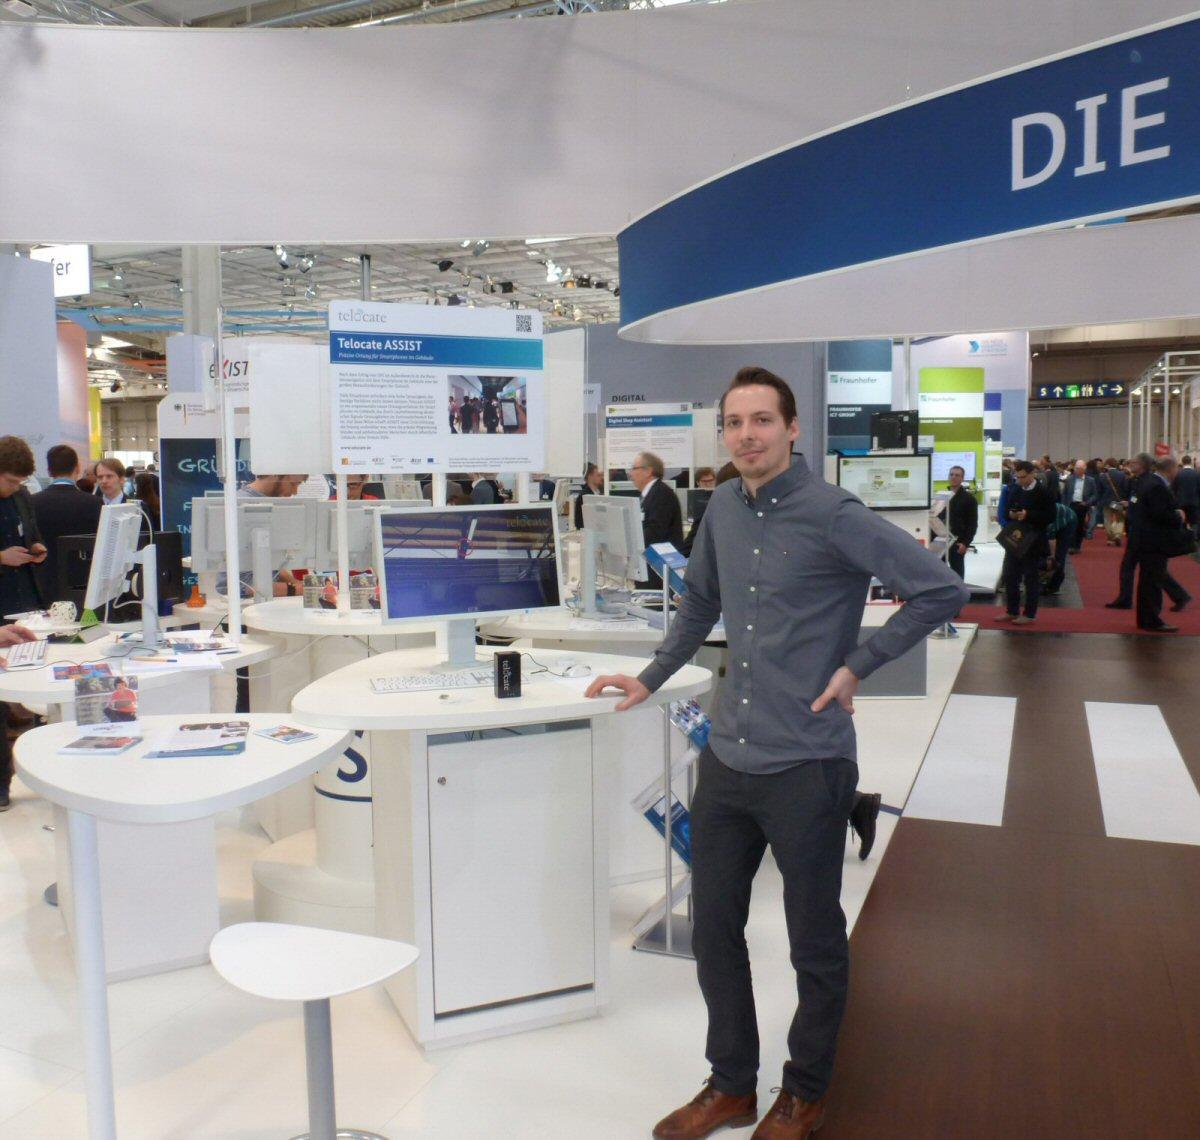 Auf dem Gemeinschaftsstand des BMWi präsentierte das junge Startup Telocate seine Ortungstechnologie.